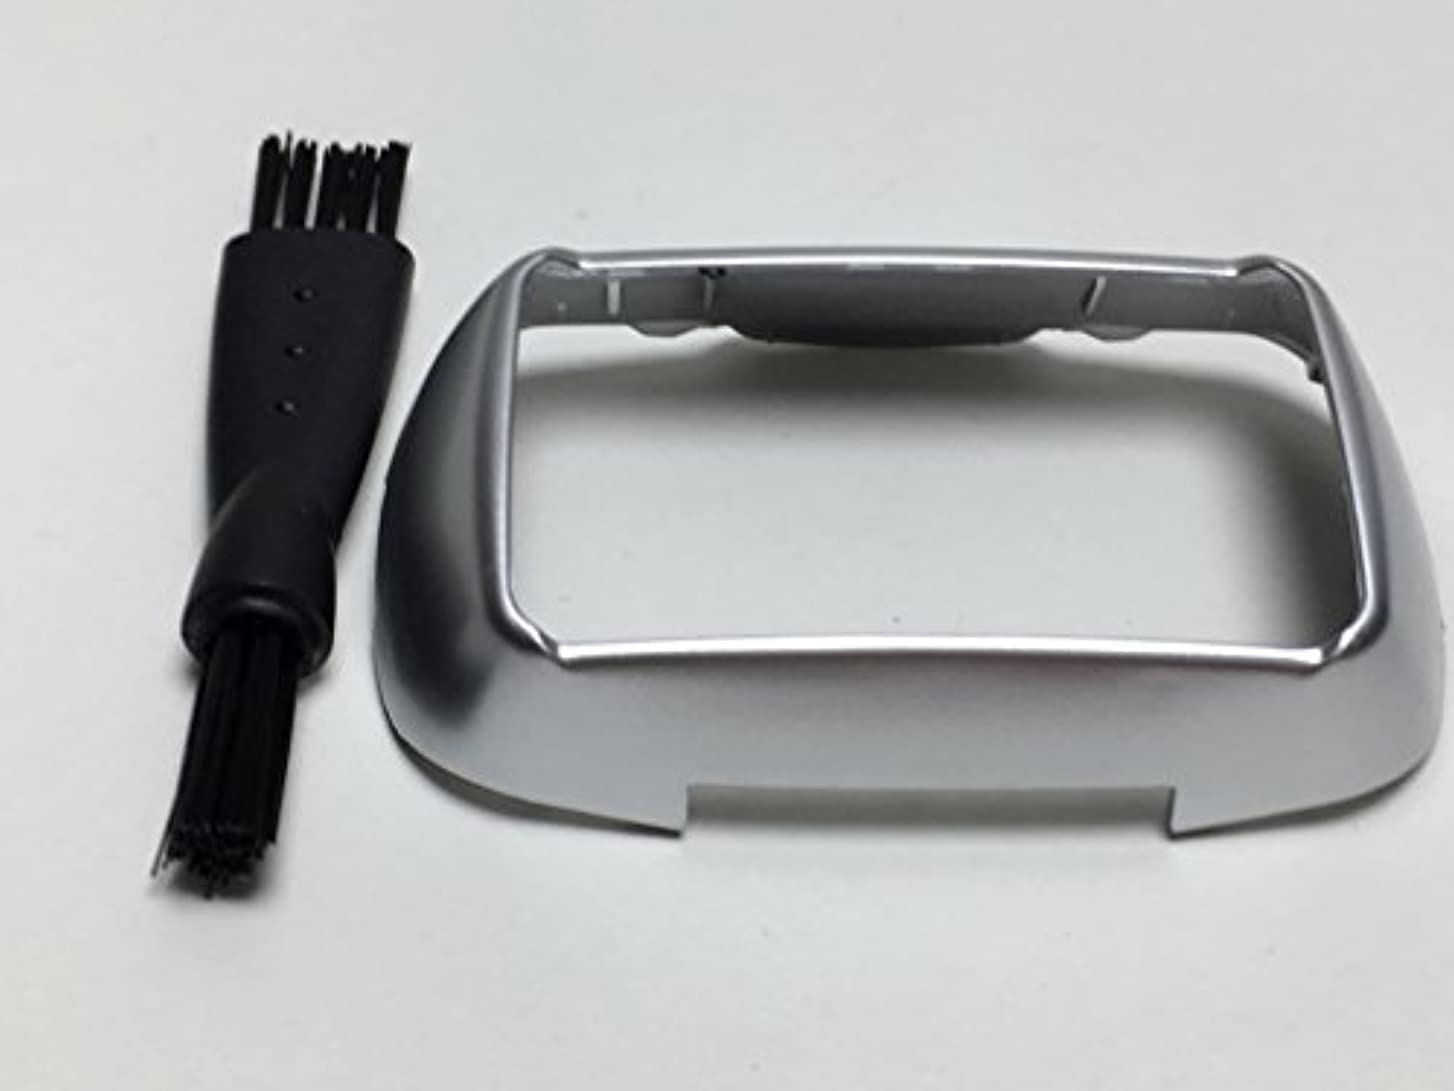 銃貢献ワークショップシェービングカミソリヘッドフレームホルダーカバー For Panasonic Arc5 ES-LV54 ES-LV56 ES-ELV5-K ES-LV53-K メンズ シェーバー Shaver Razor Head Frame...